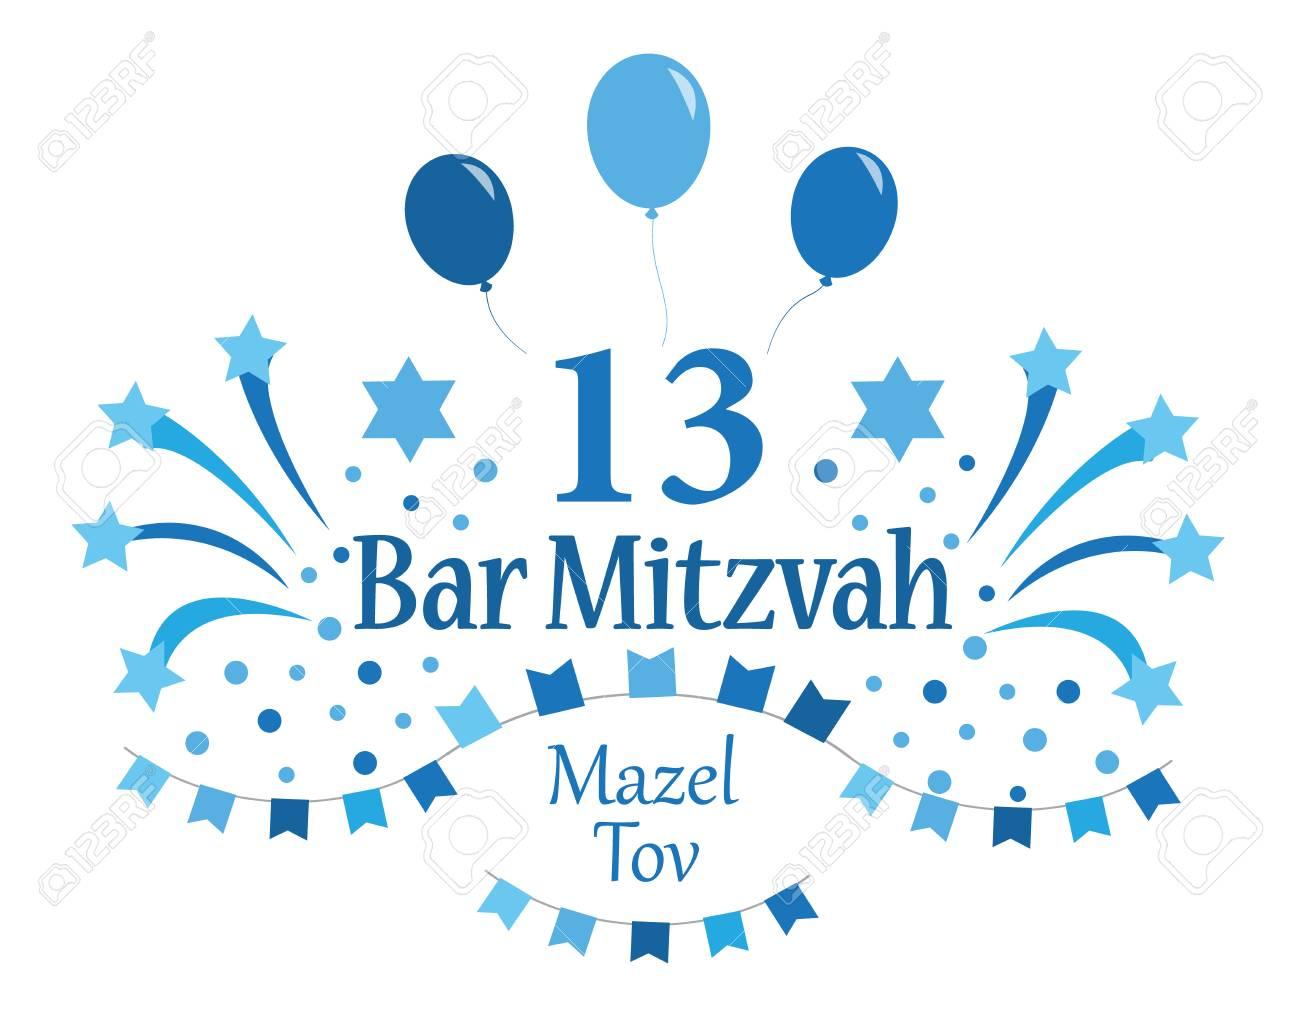 Bar Mitzvah invitation or congratulation card. Vector illustration. - 121928817